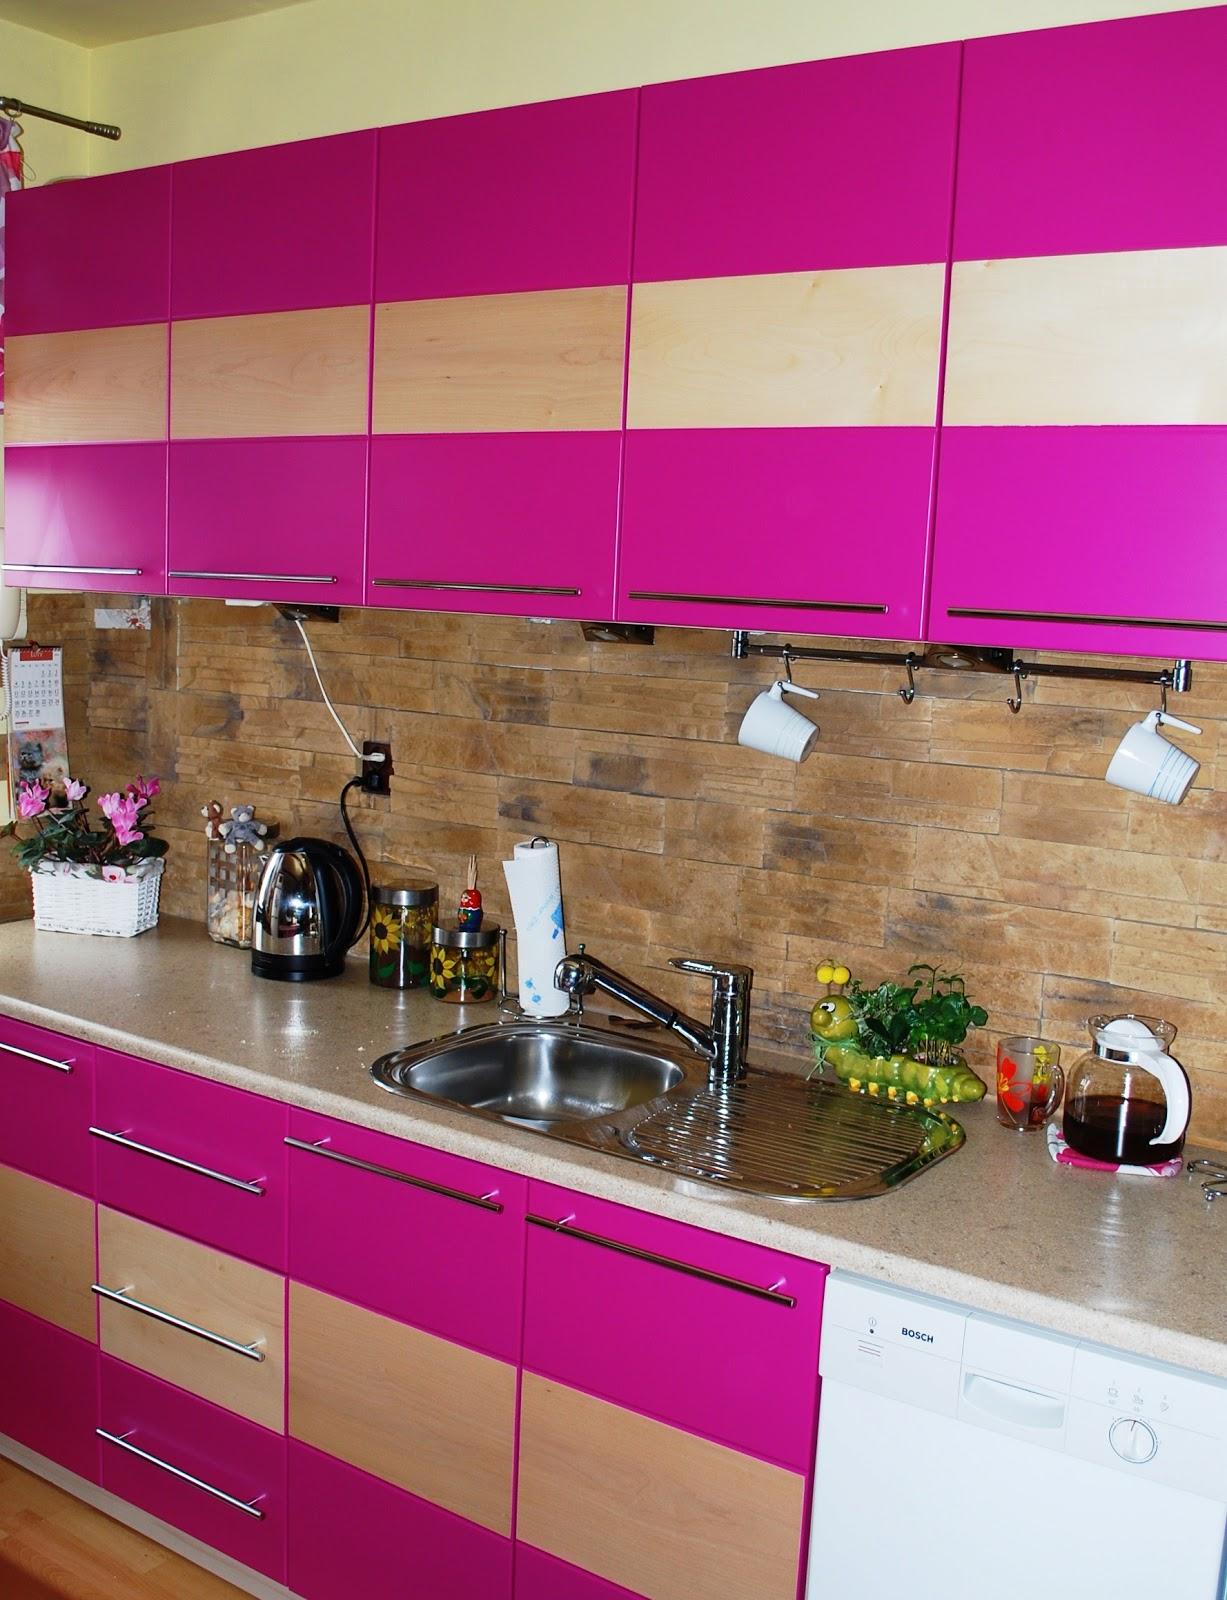 Świat drewna Kuchenny róż  kuchnia pod zabudowę -> Kuchnia Pod Zabudowe Kwidzyn